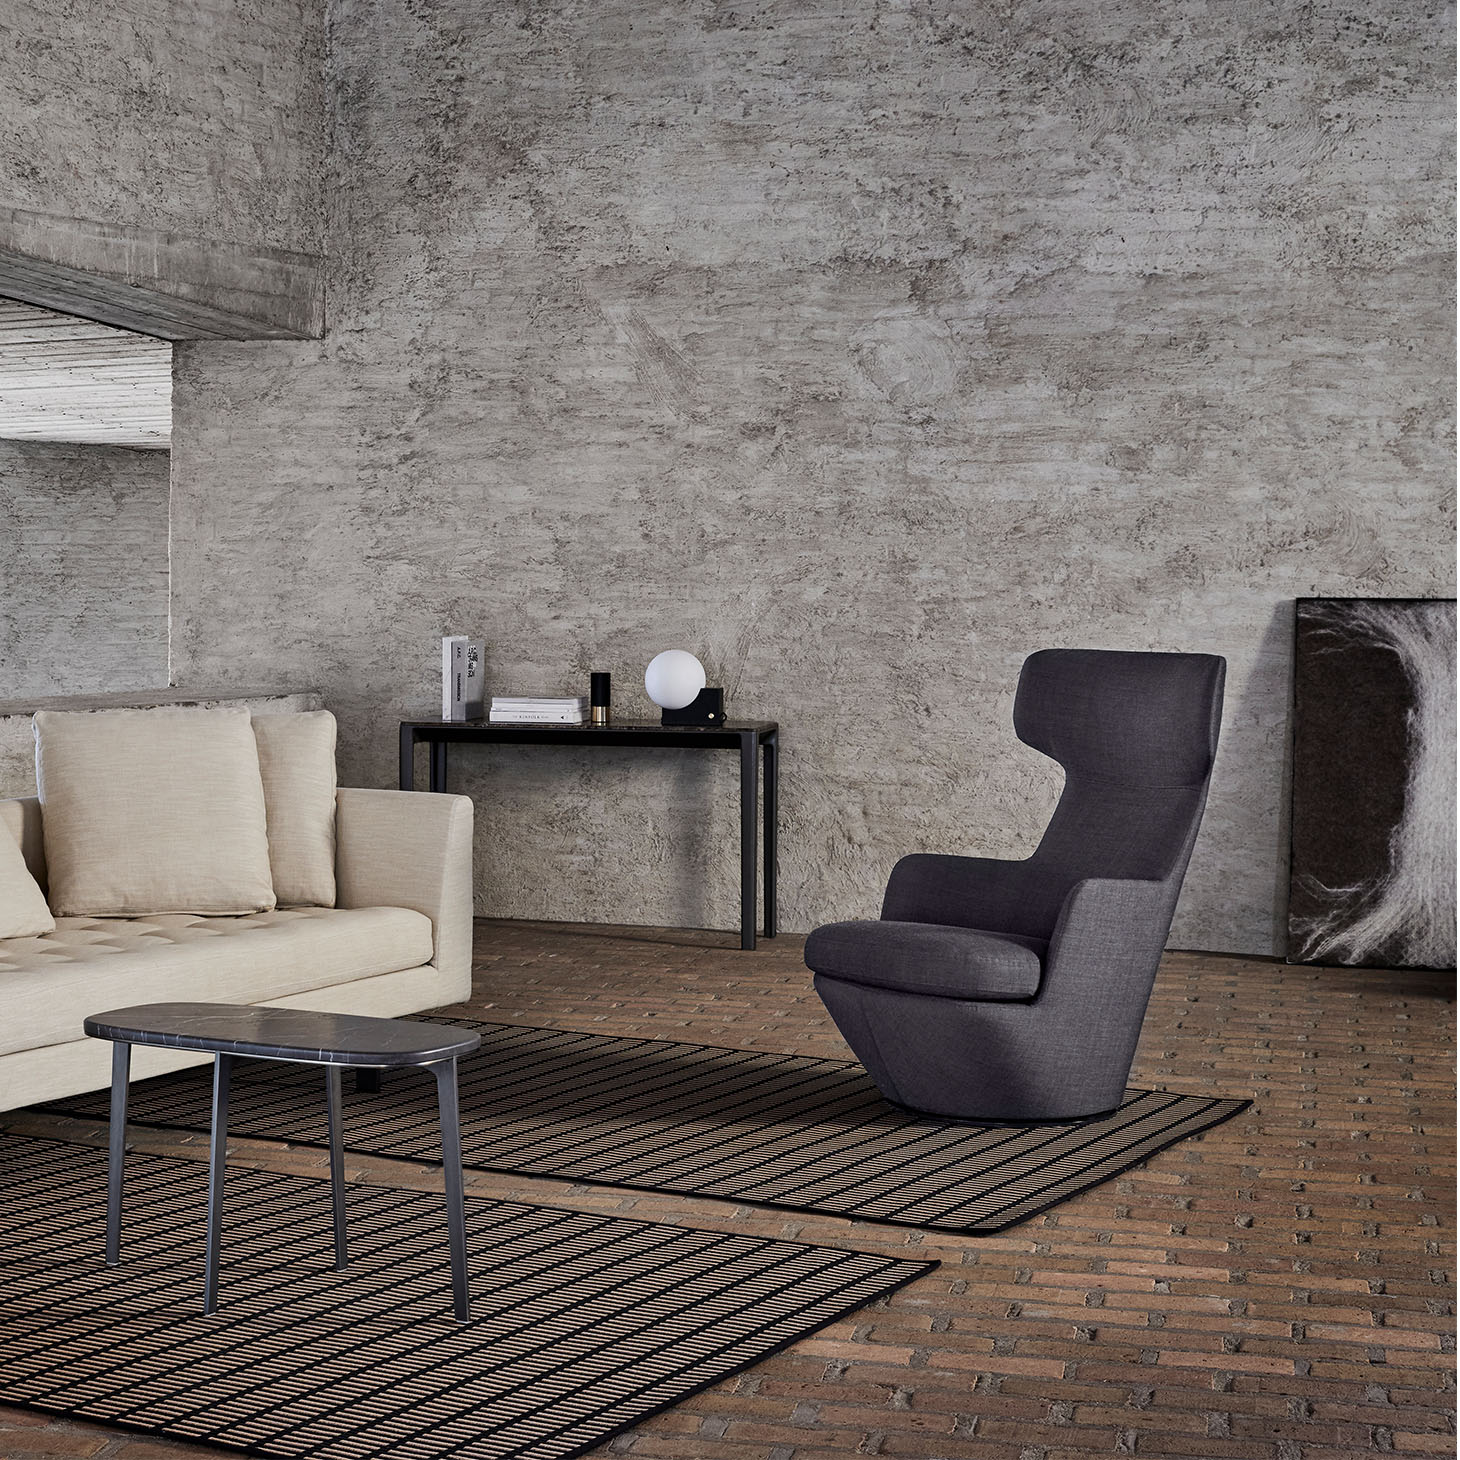 My Turn lounge chair